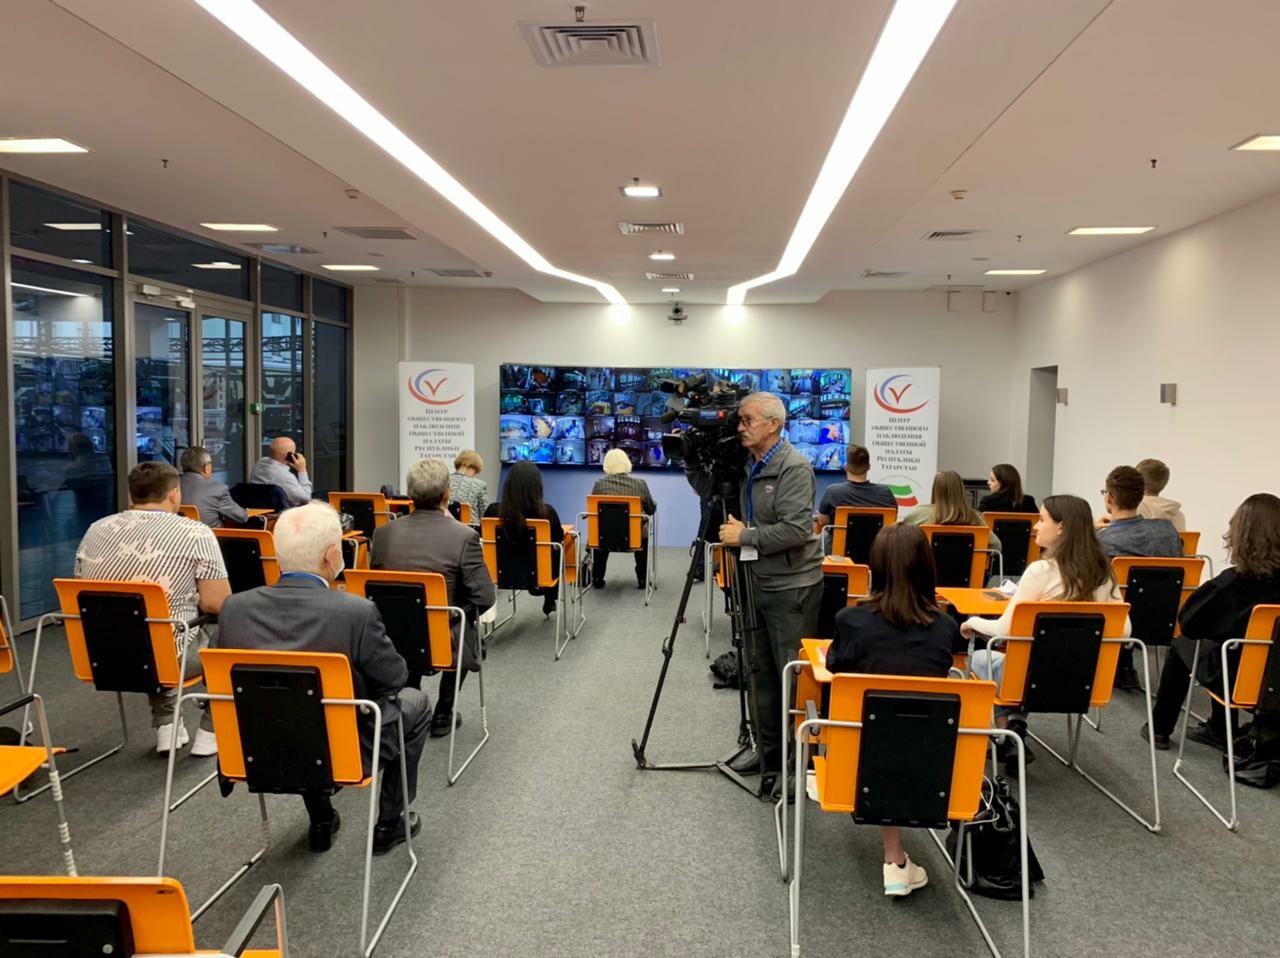 Камиль Садриев: Процесс голосования в Татарстане проходит максимально прозрачно